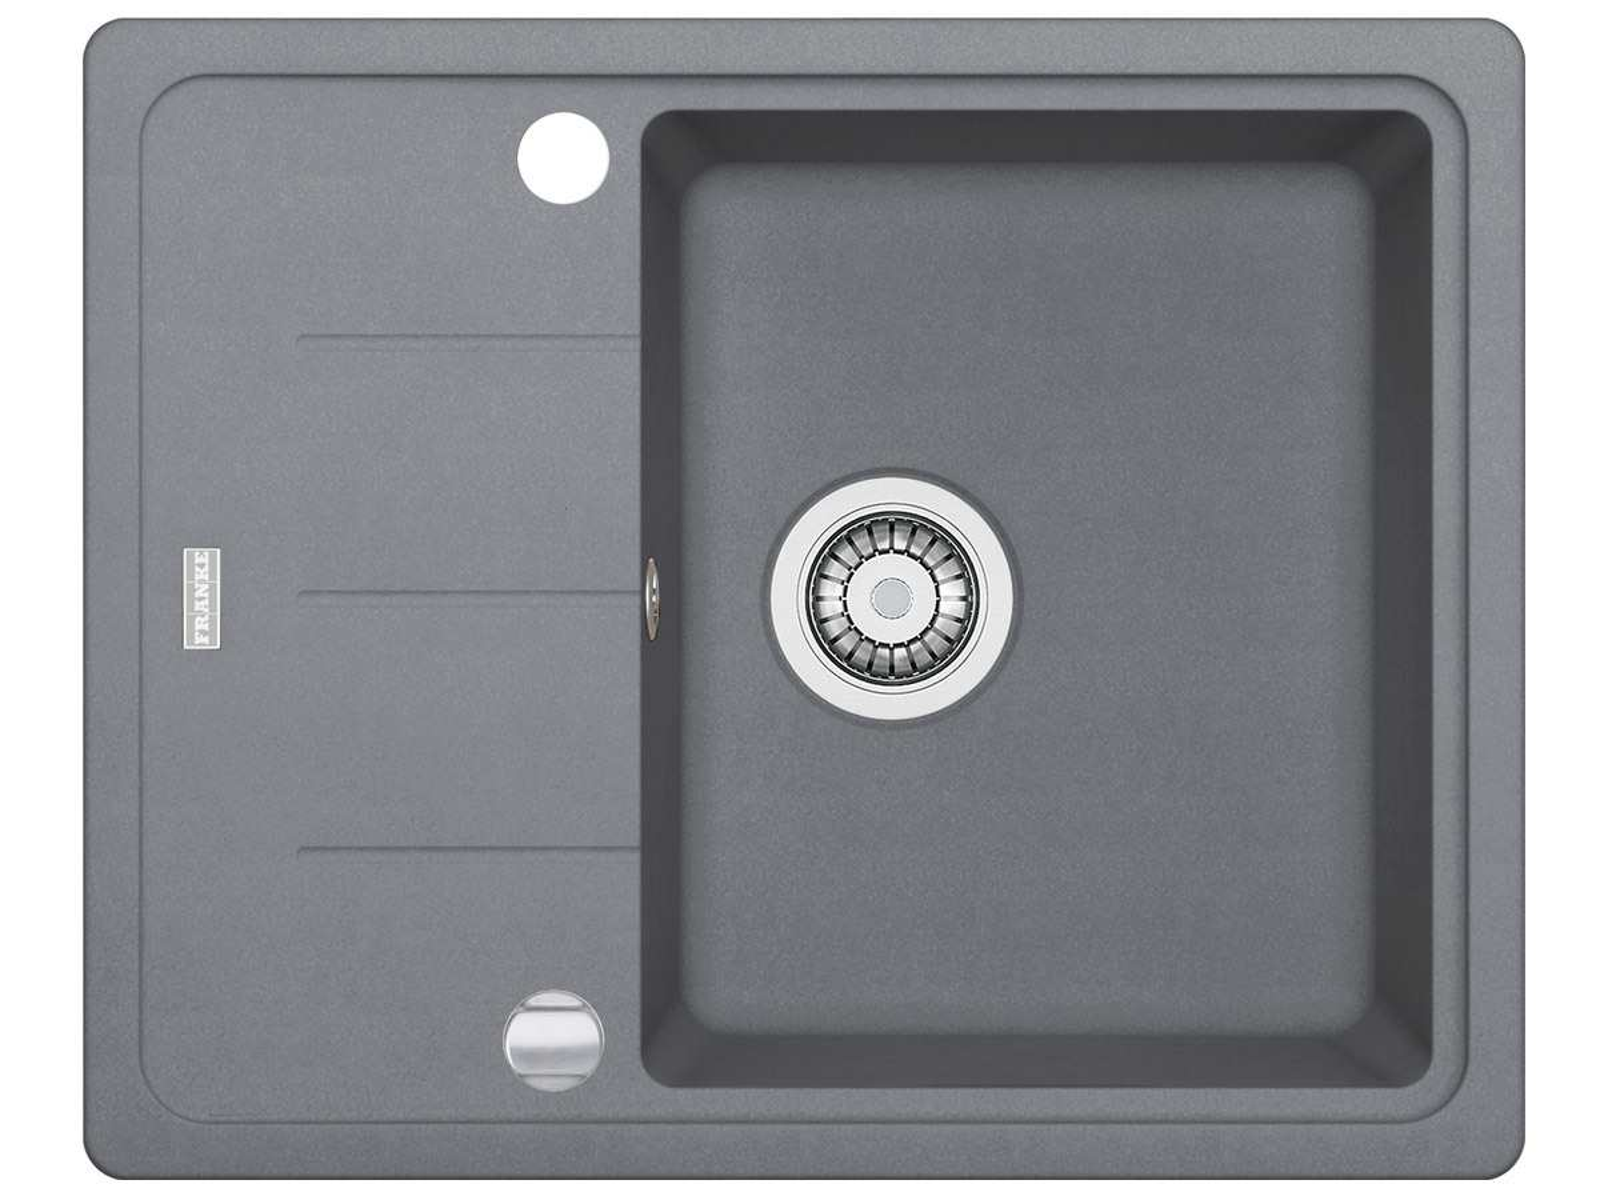 franke basis bfg 611 62 steingrau granit sp lbecken k chensp le einbausp le grau ebay. Black Bedroom Furniture Sets. Home Design Ideas